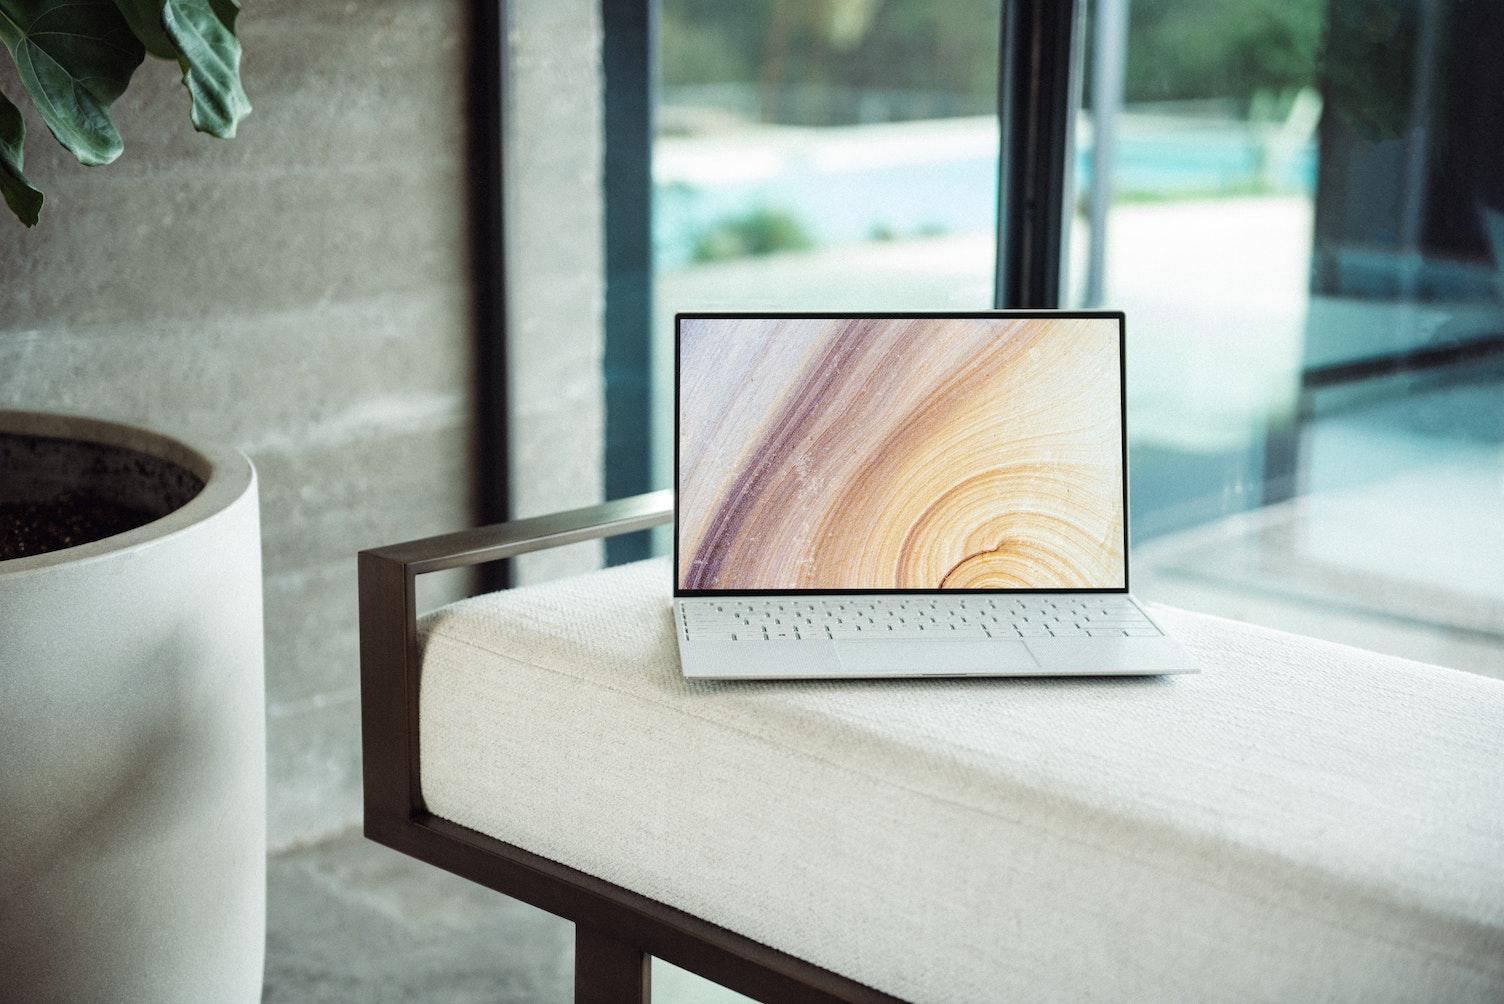 Computer mit gedrehtem Bildschirm